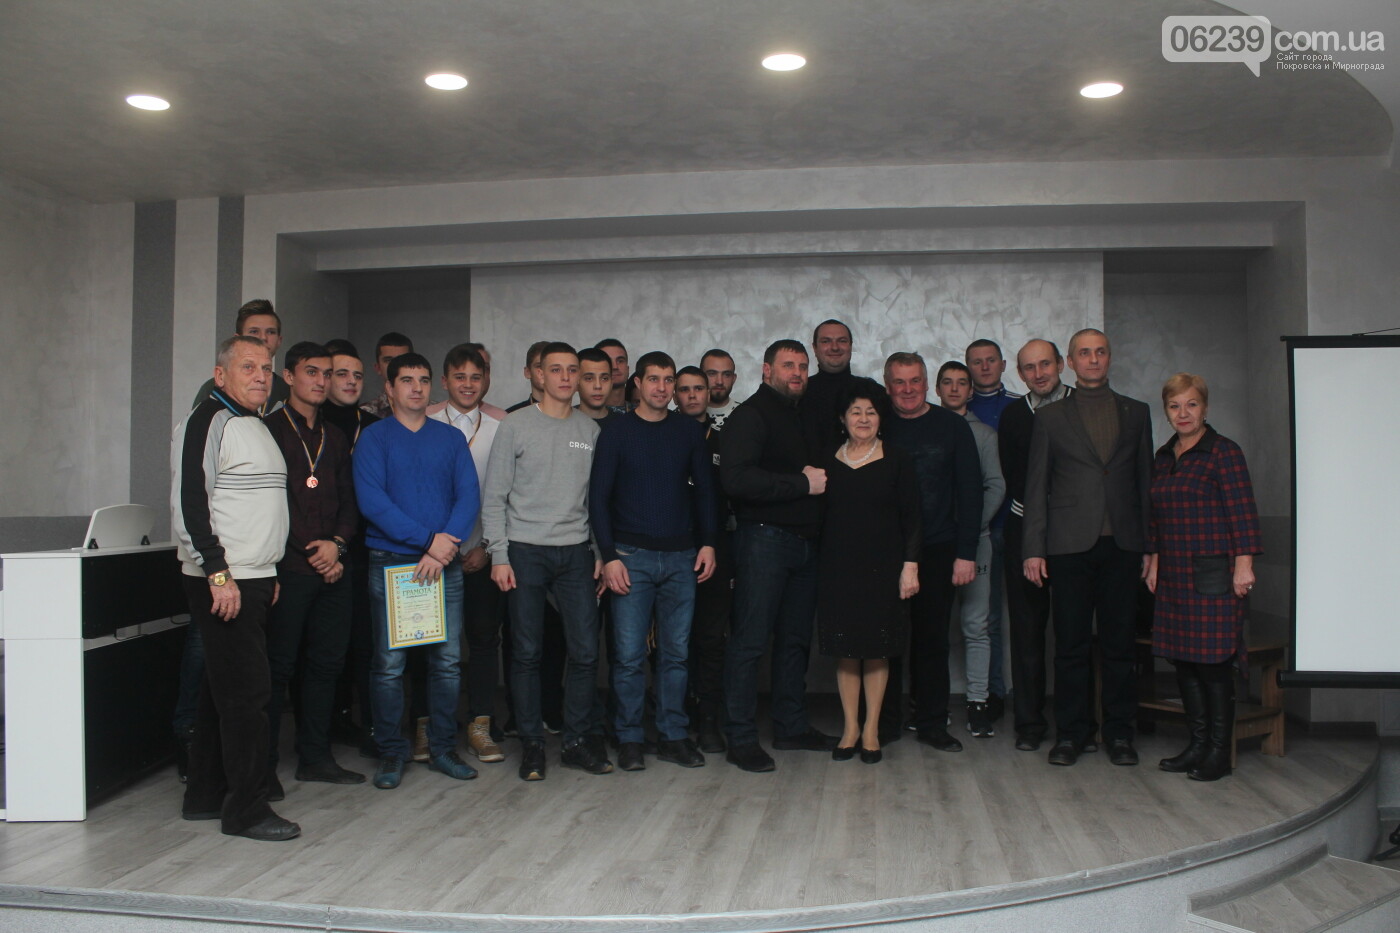 В Покровске состоялось награждение призёров открытого Чемпионата города по футболу, фото-13